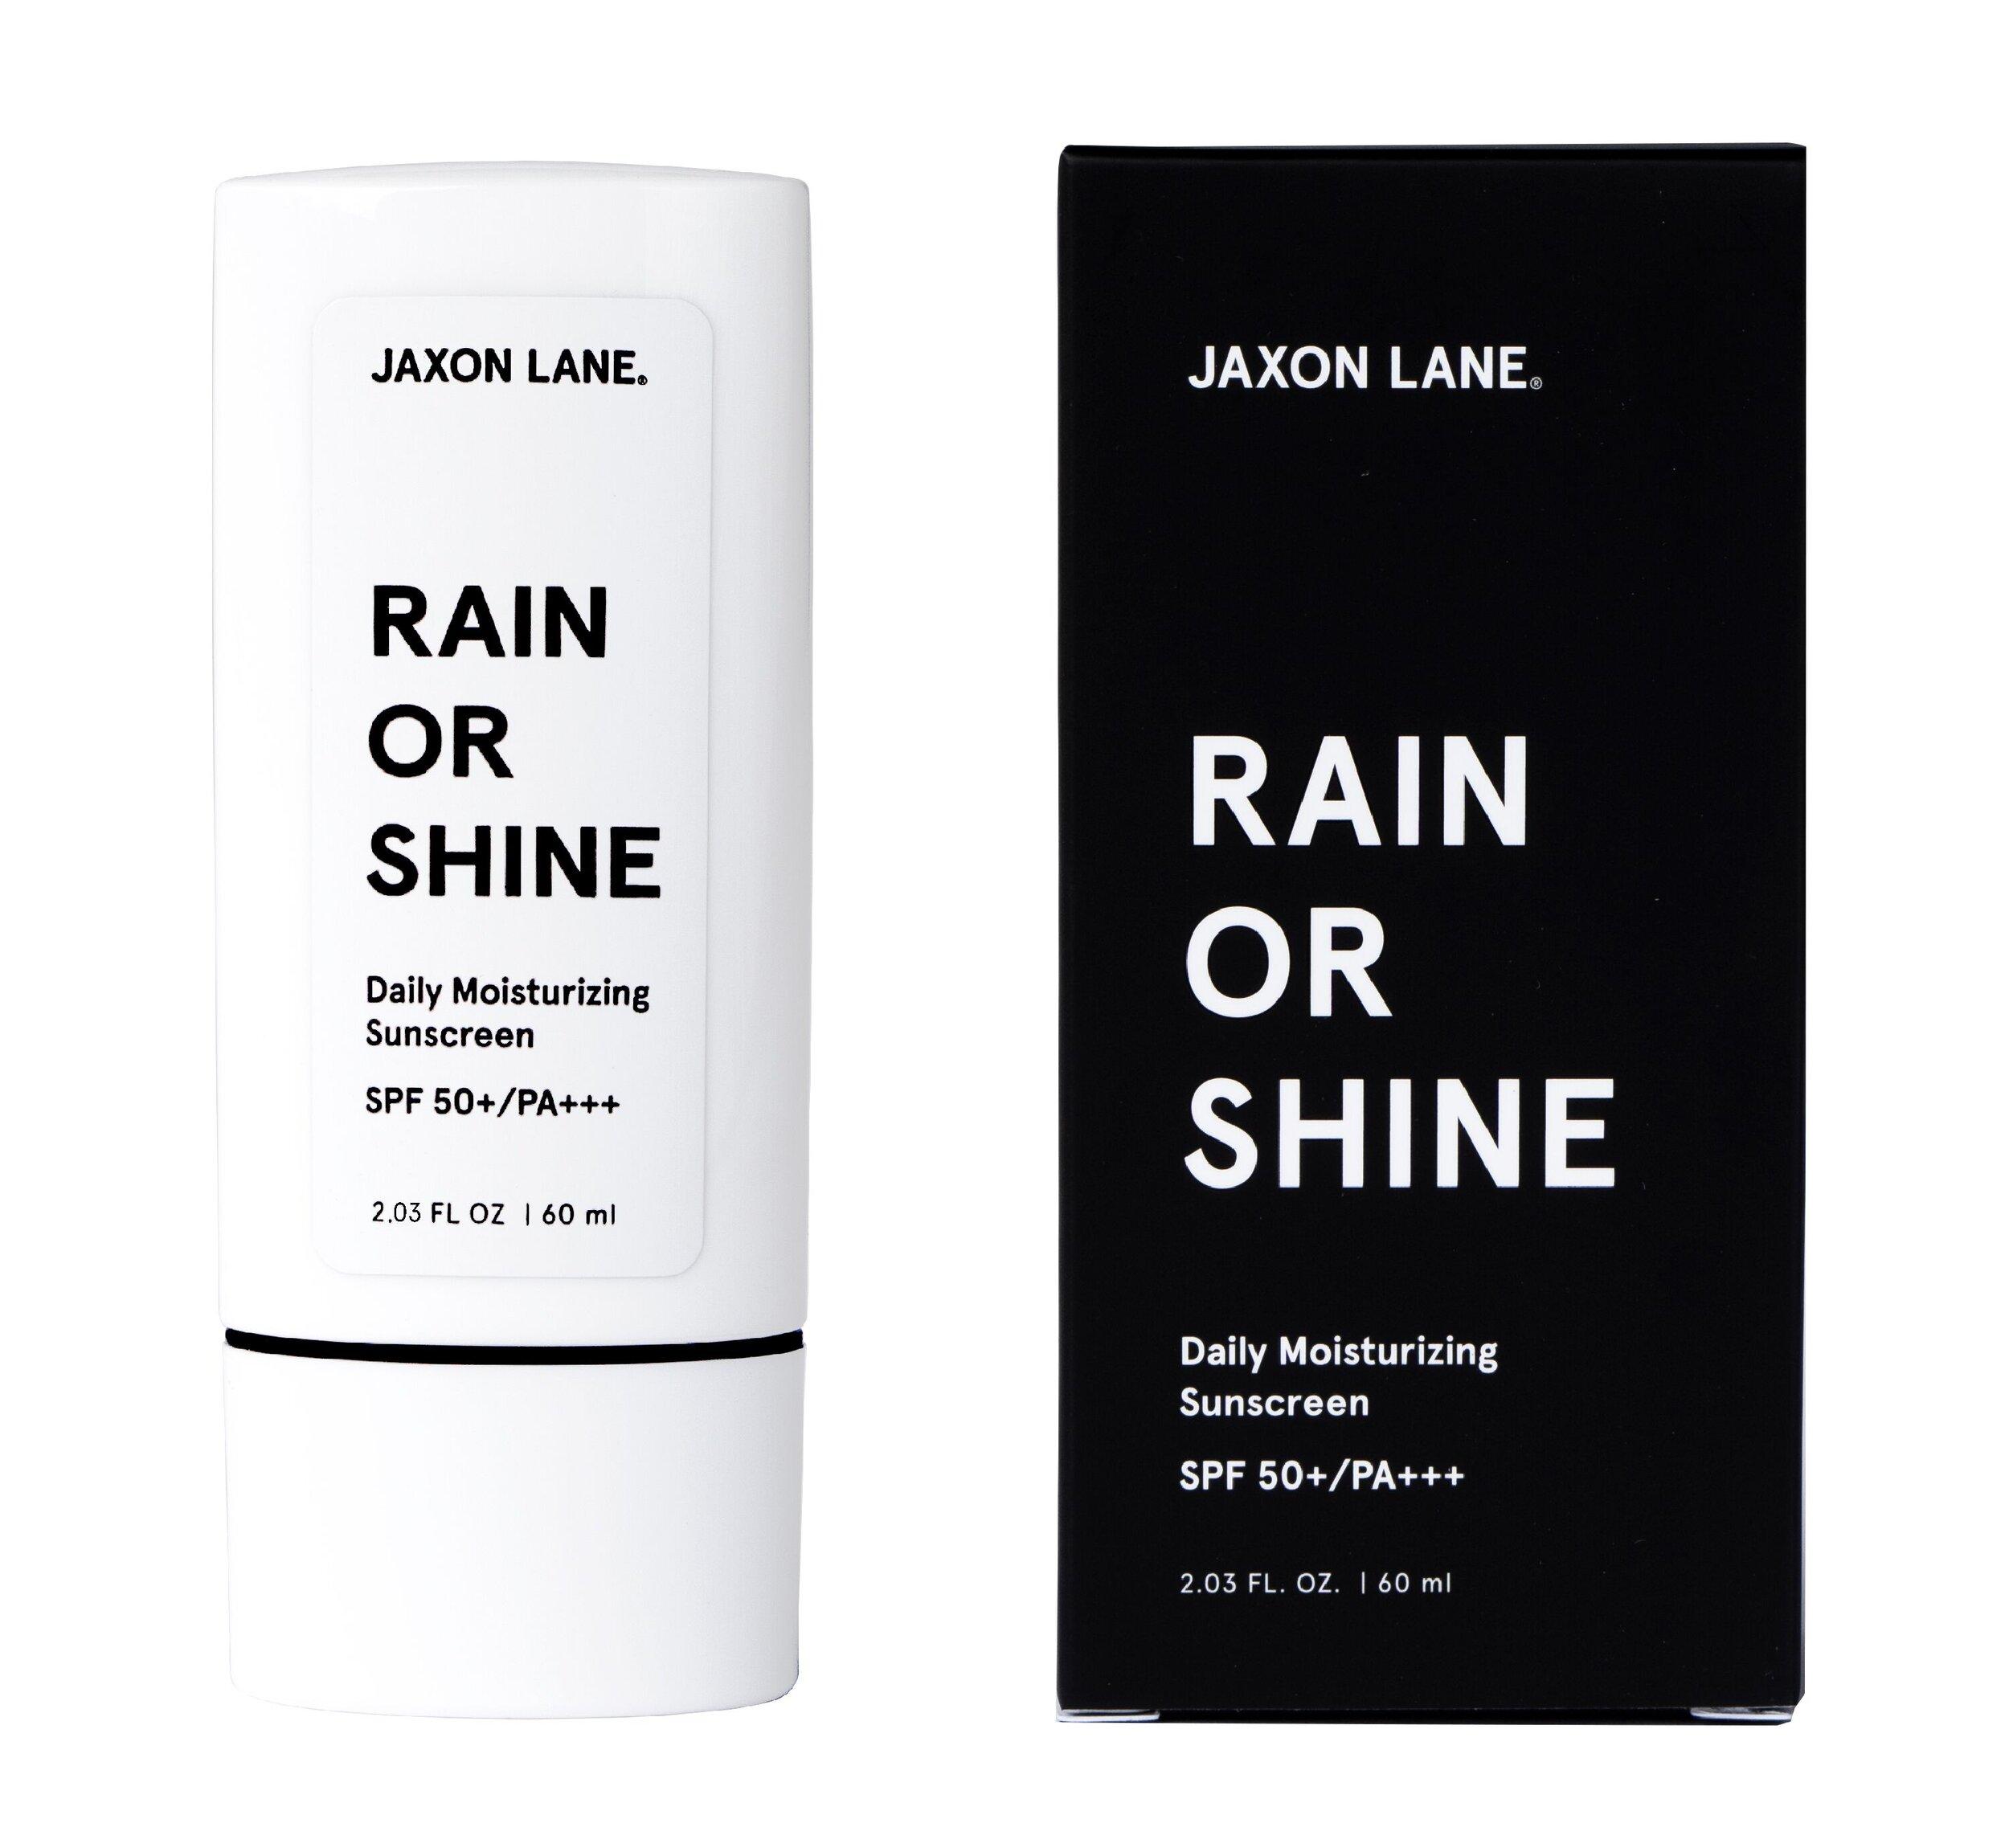 Rain or Shine sunscreen $32